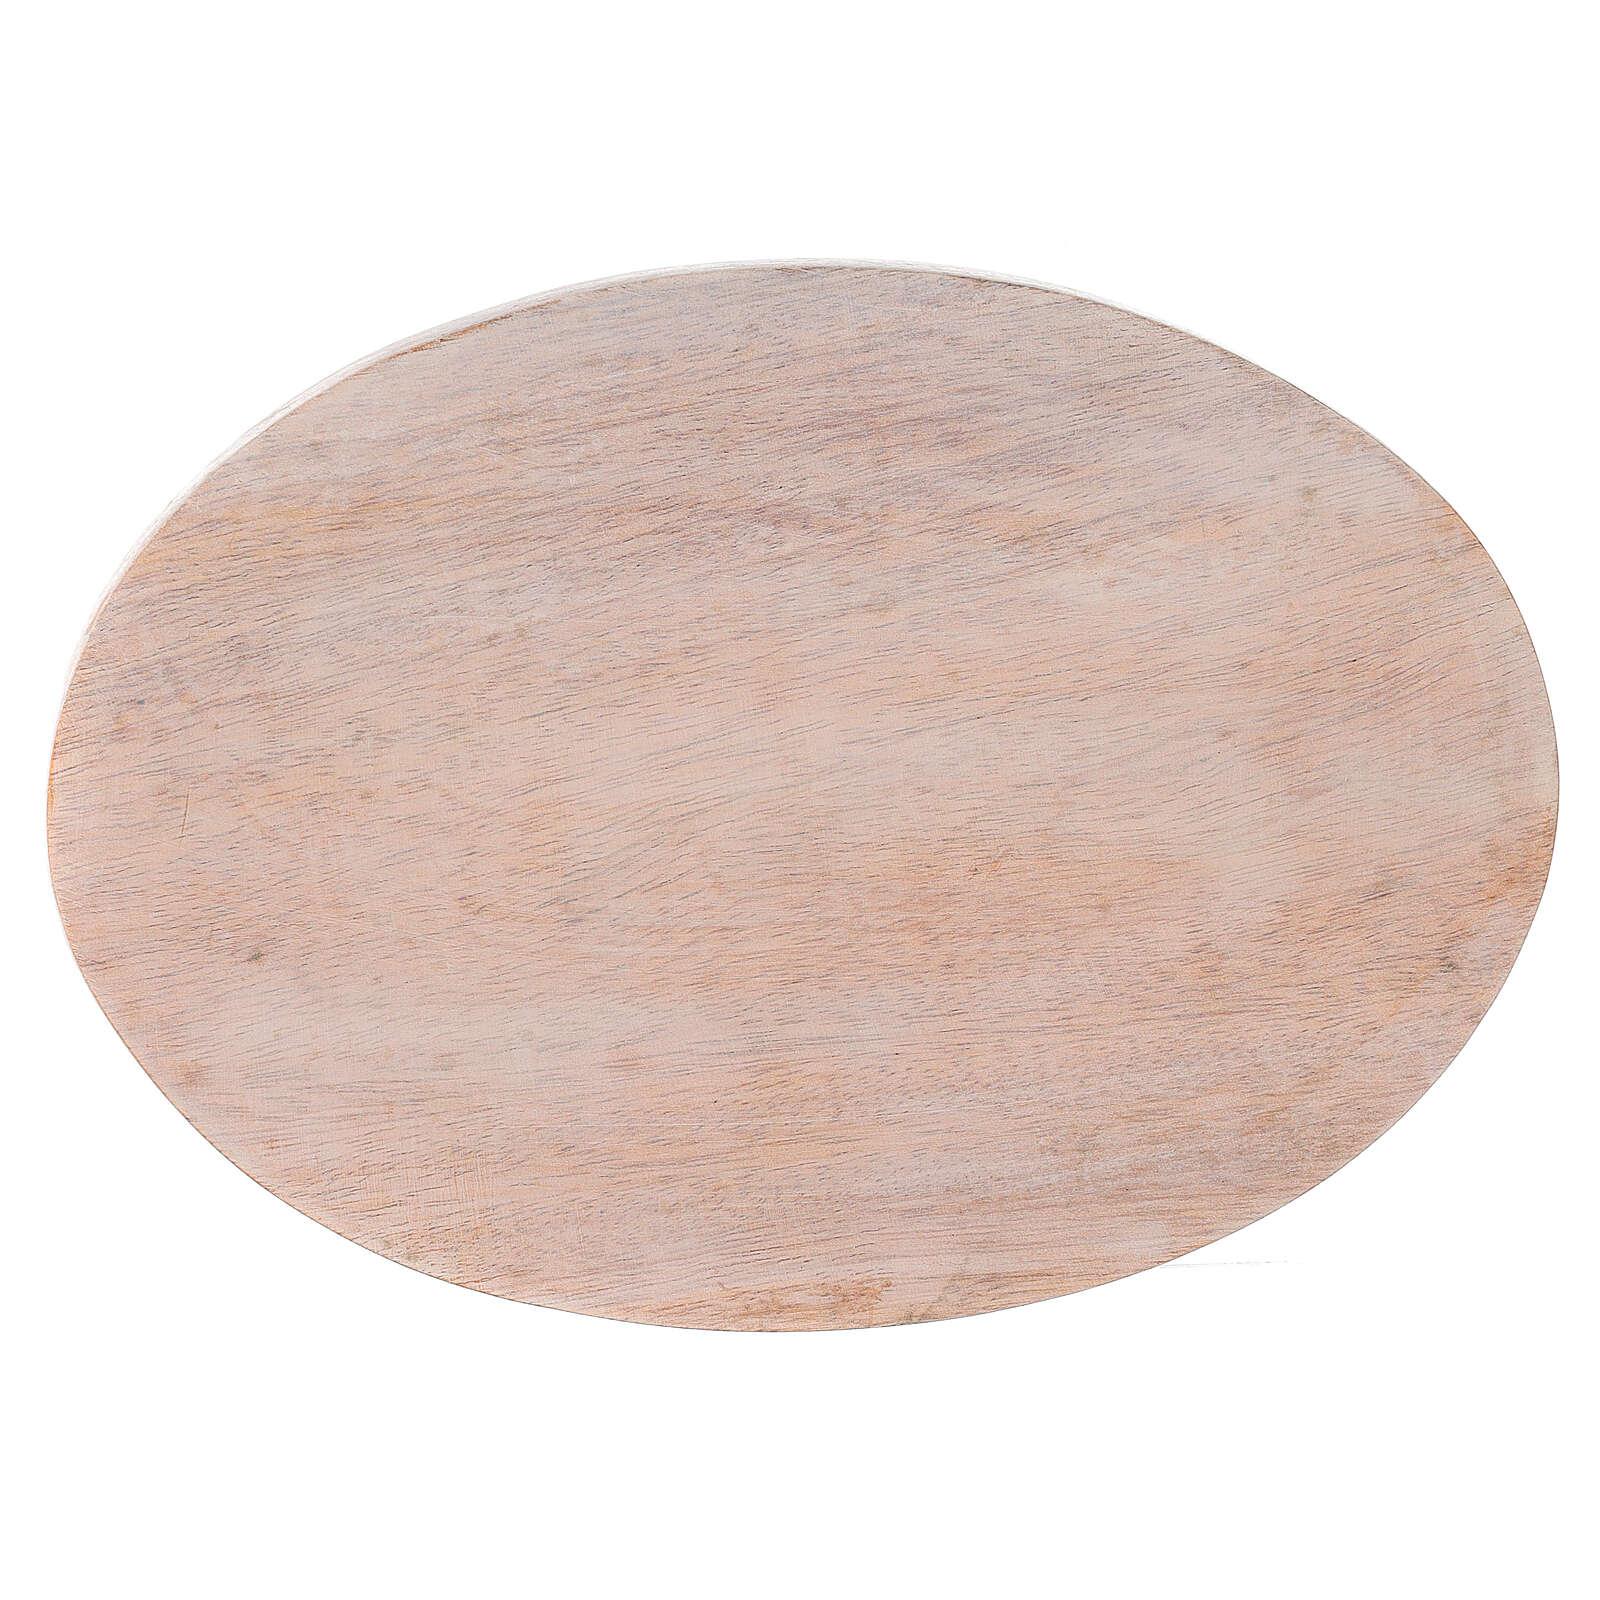 Piatto legno mango chiaro candela 17x12 cm 3